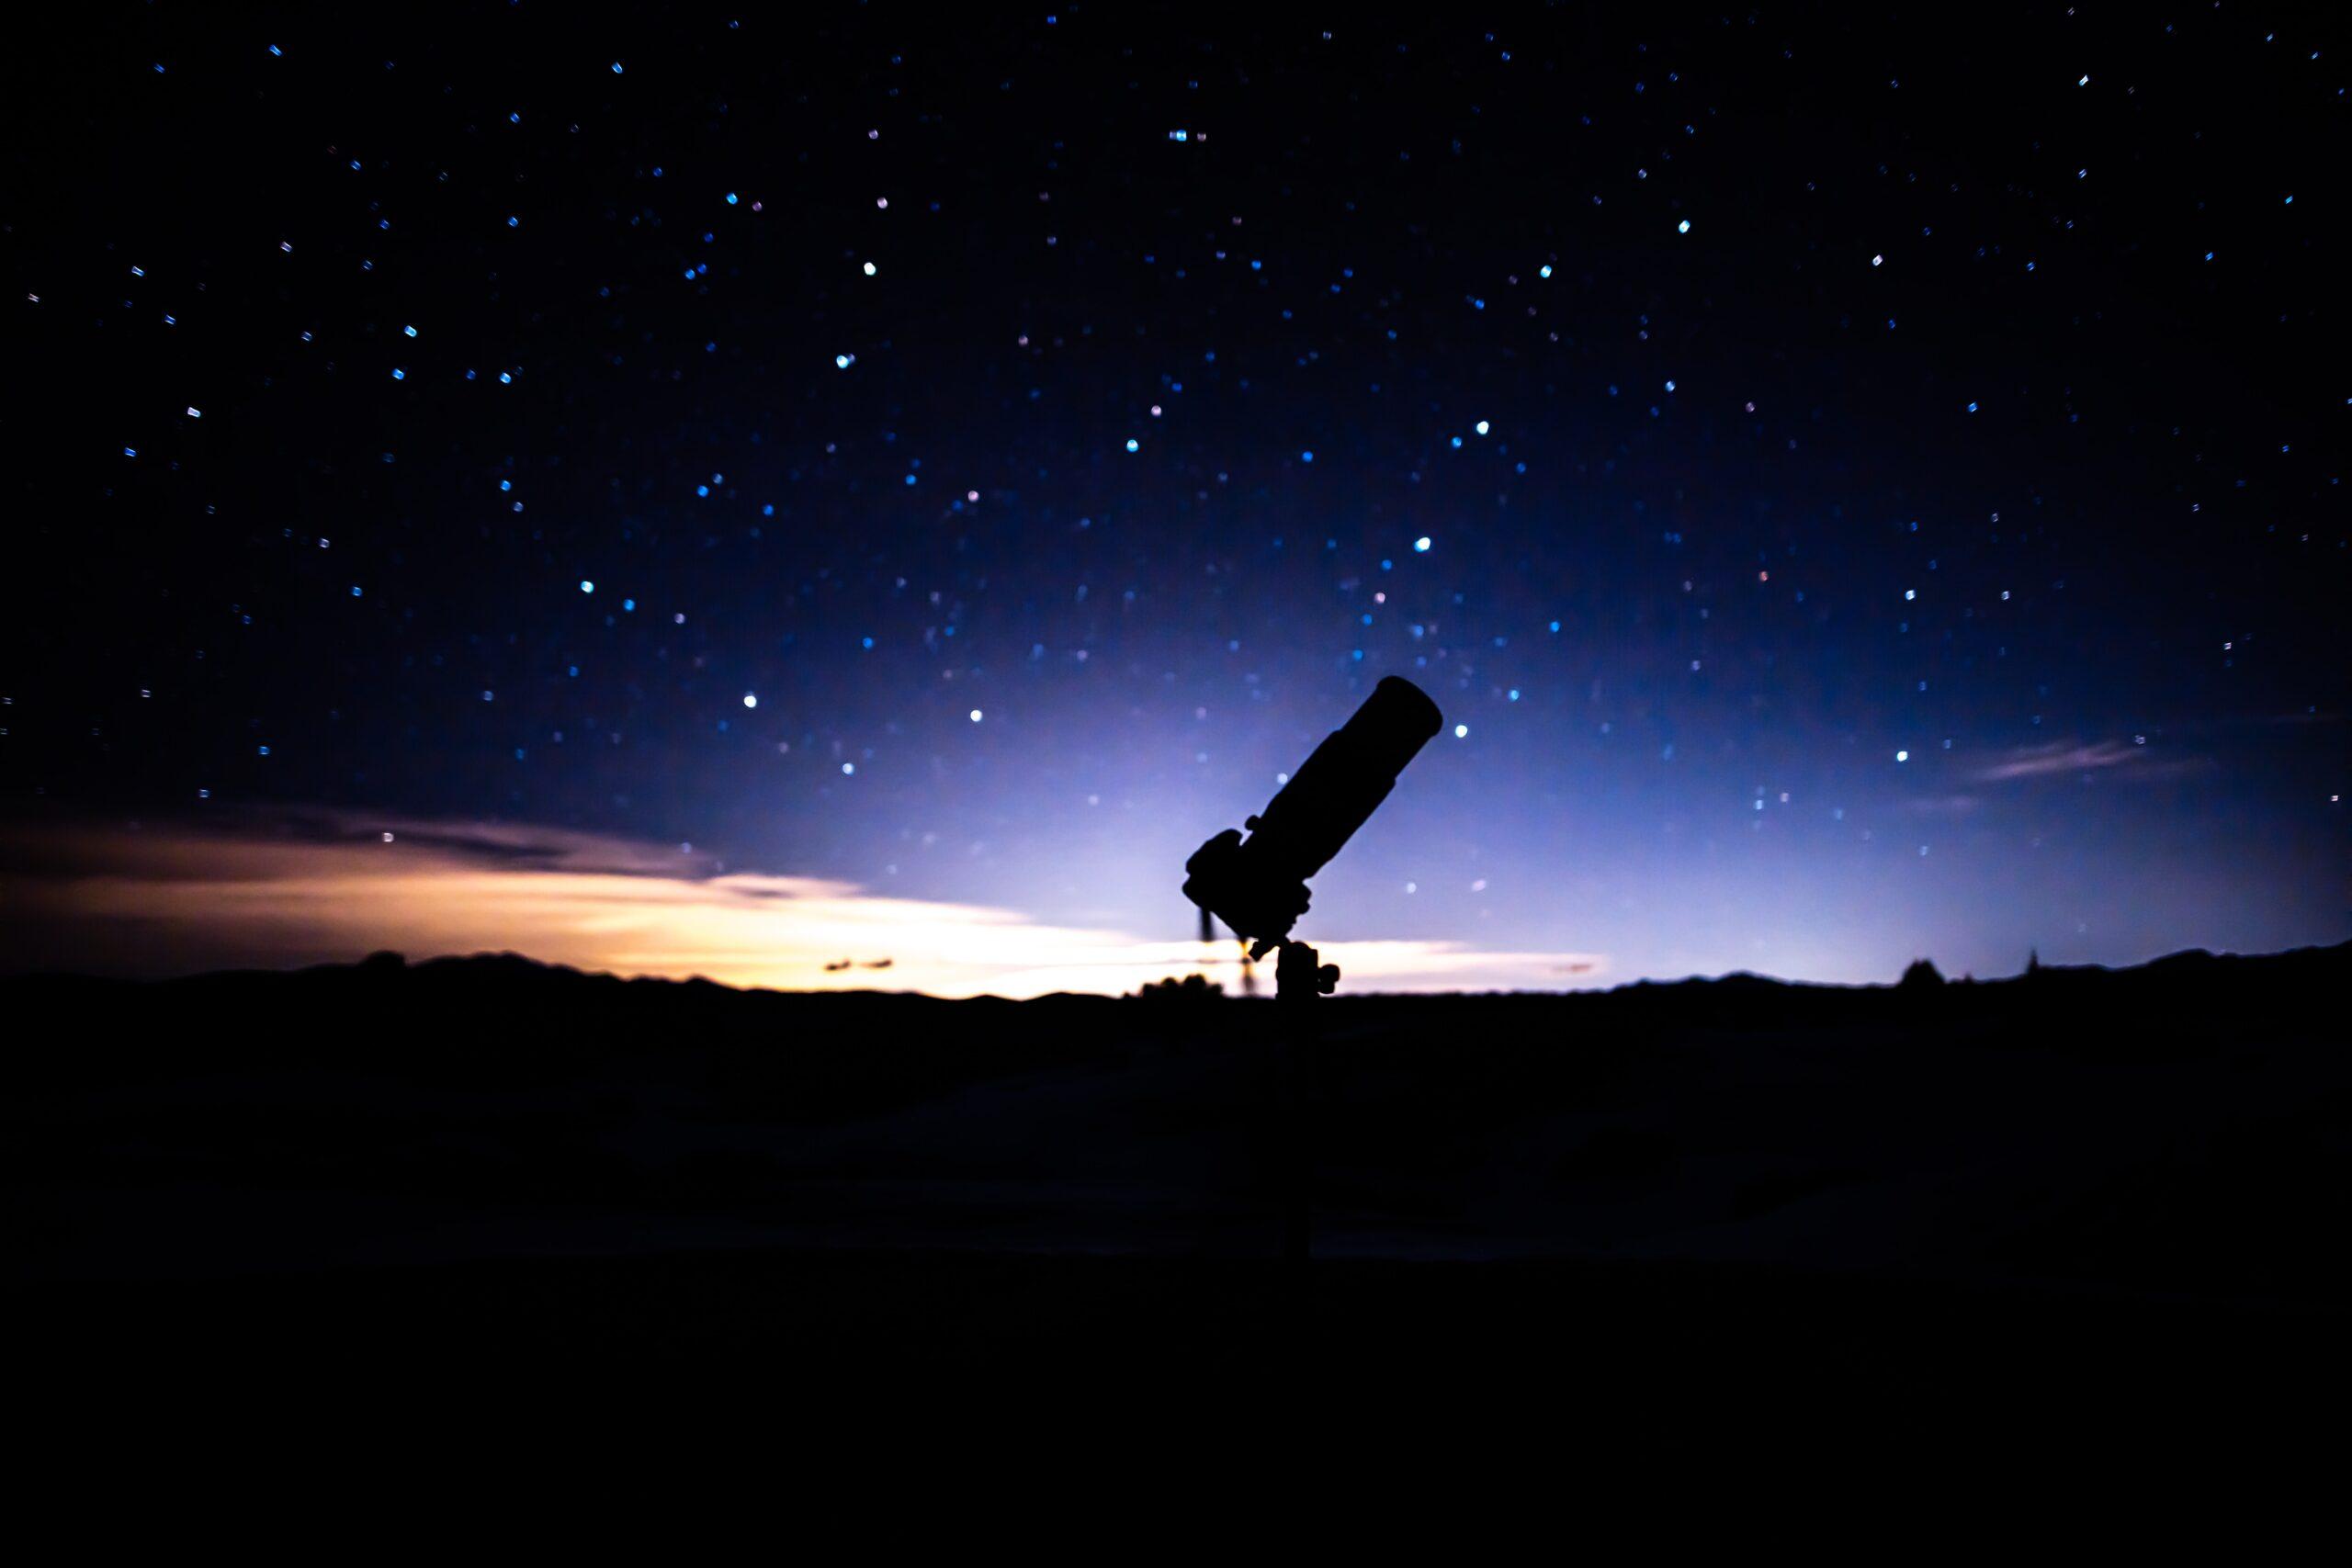 В декабре можно будет наблюдать редчайший парад планет